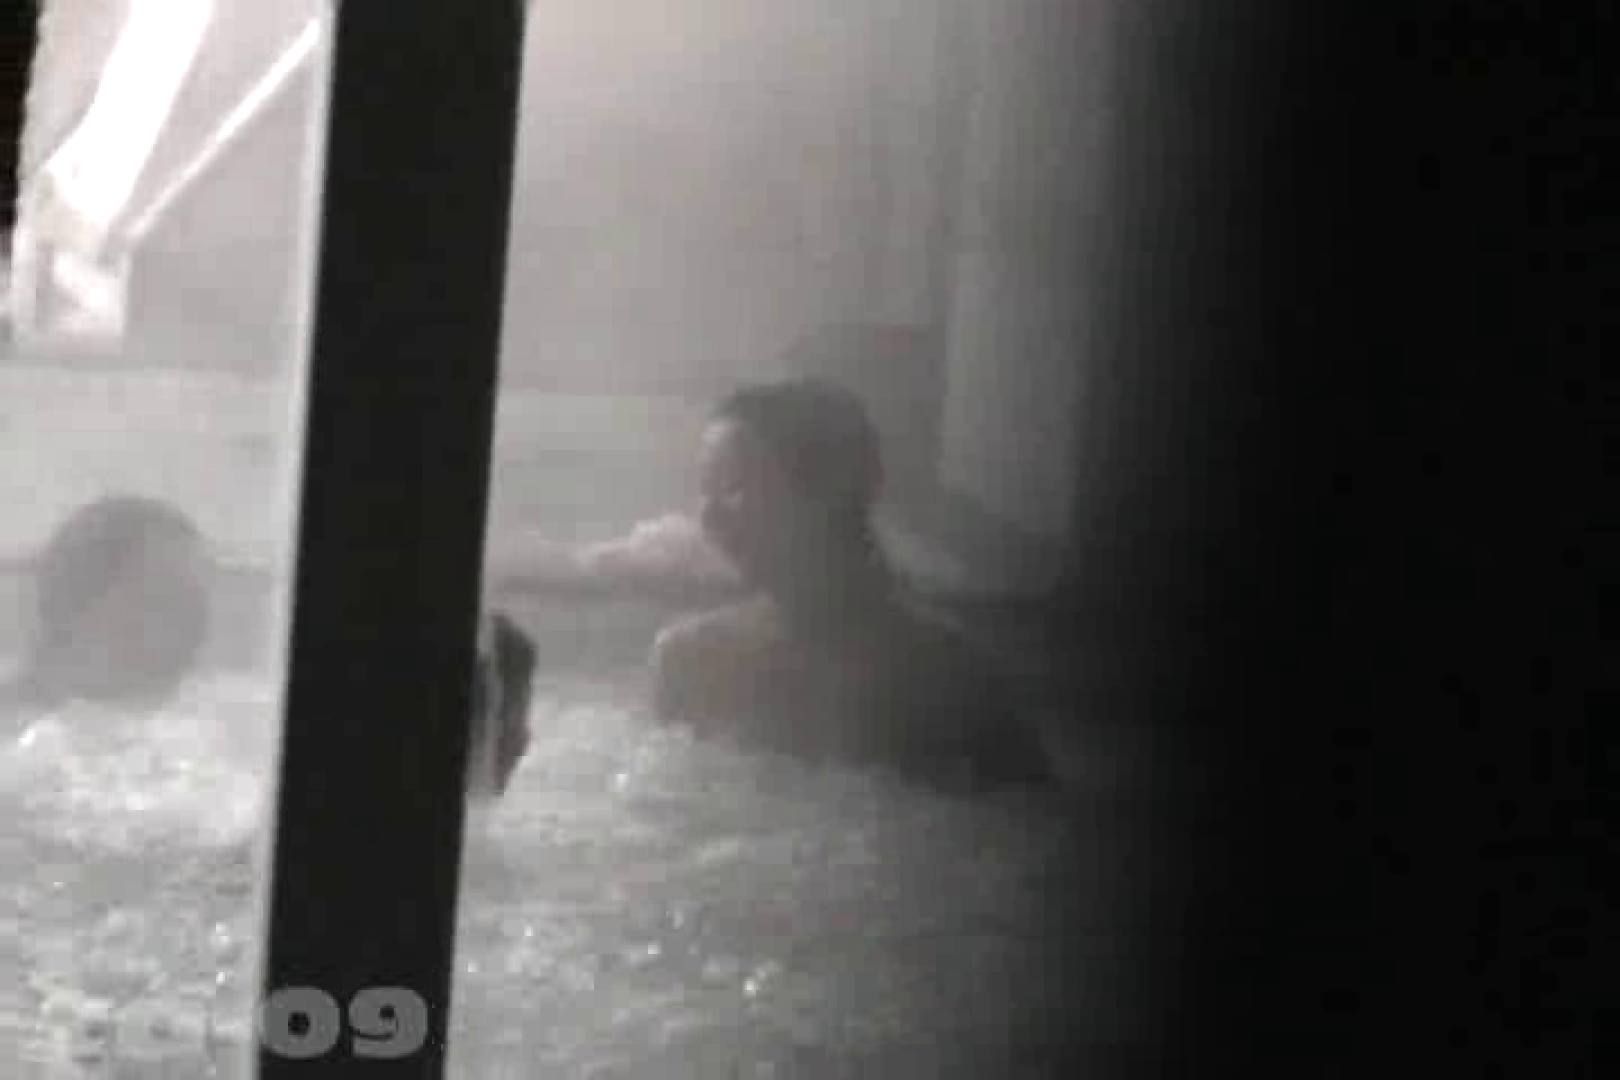 合宿ホテル女風呂盗撮高画質版 Vol.09 合宿 おまんこ動画流出 96枚 44